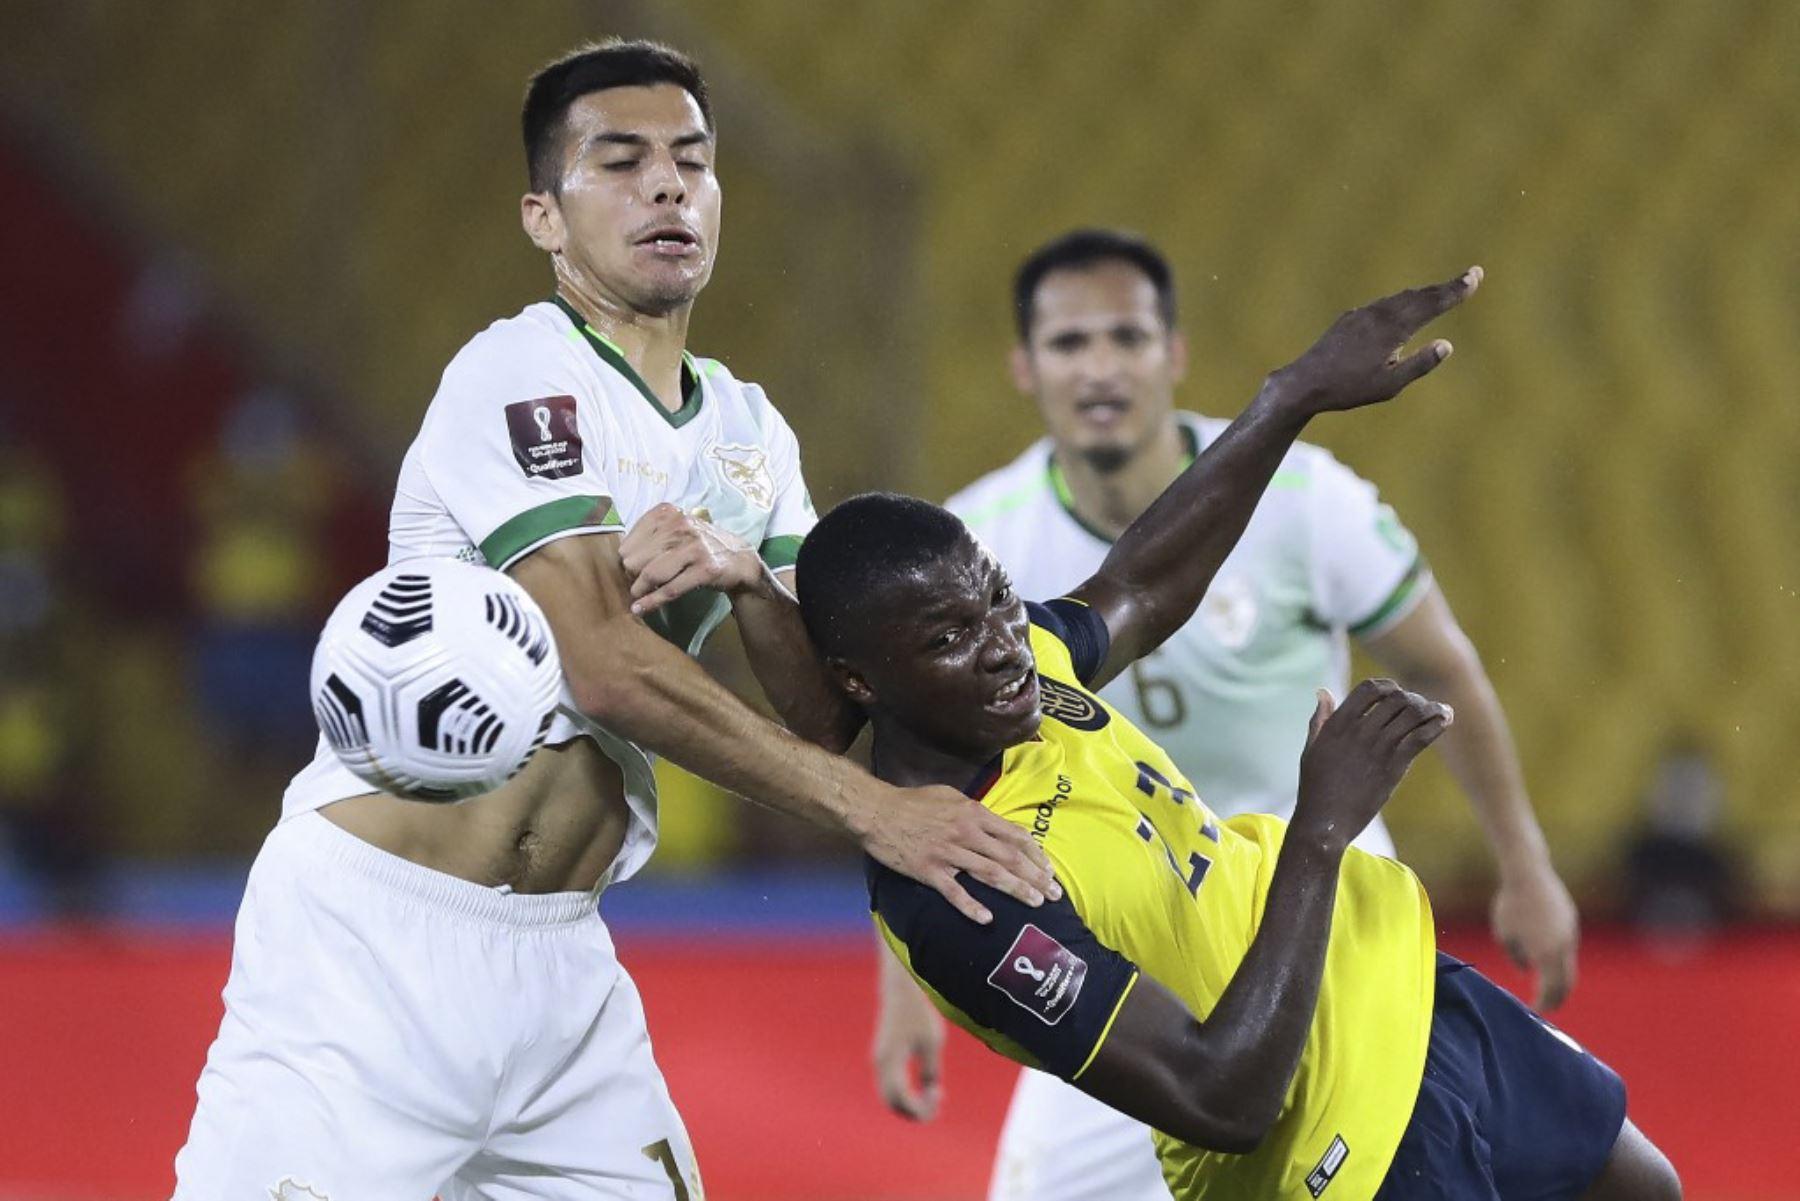 Ecuador venció 3-0 a Bolivia en Guayaquil por las clasificatorias a Qatar 2022  Galería Fotográfica   Agencia Peruana de Noticias Andina